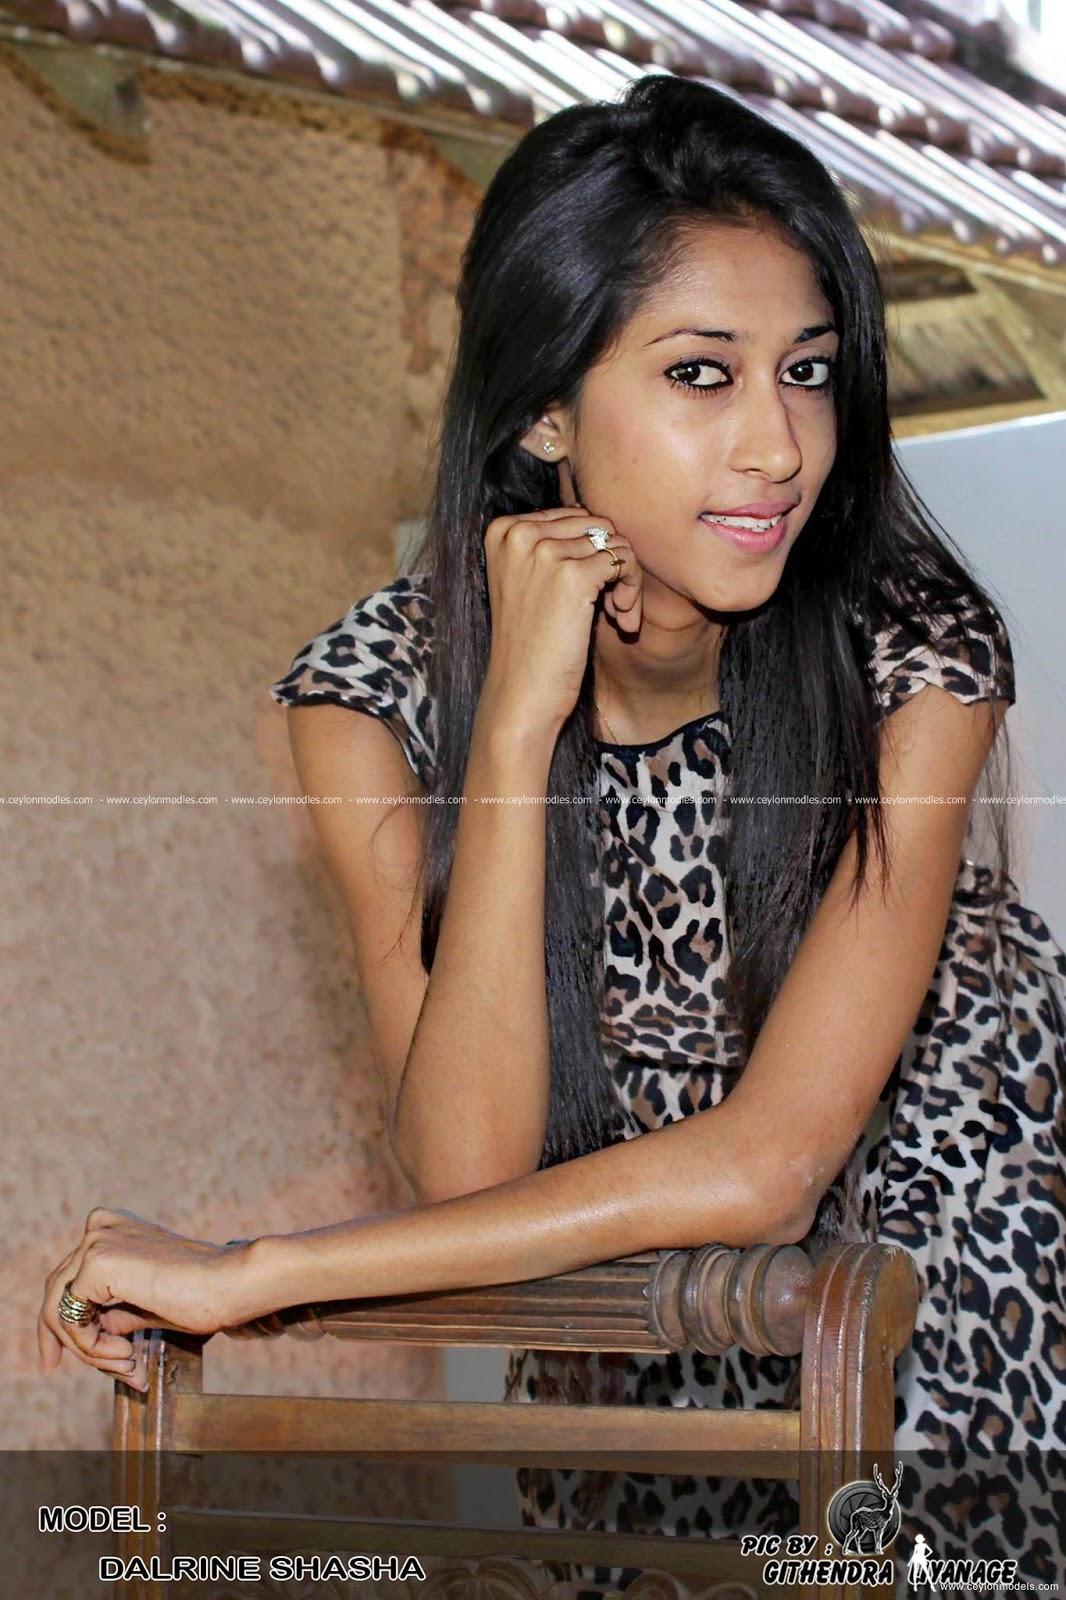 Dalrine Shasha 3